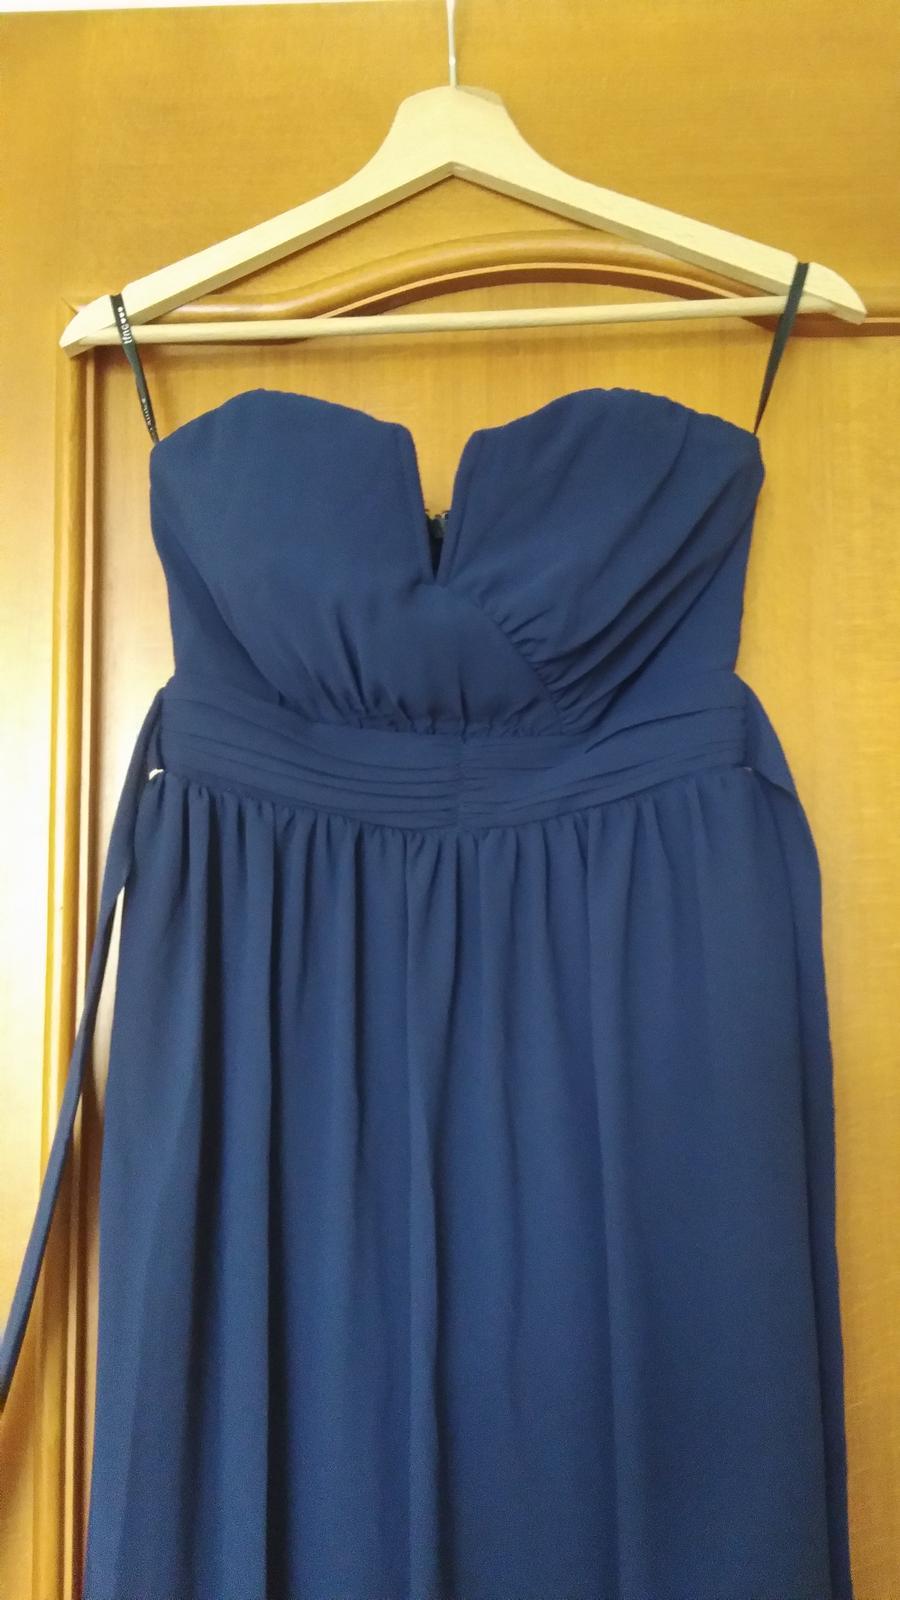 Modré popolnočné šaty vo veľkosti 36 - Obrázok č. 4